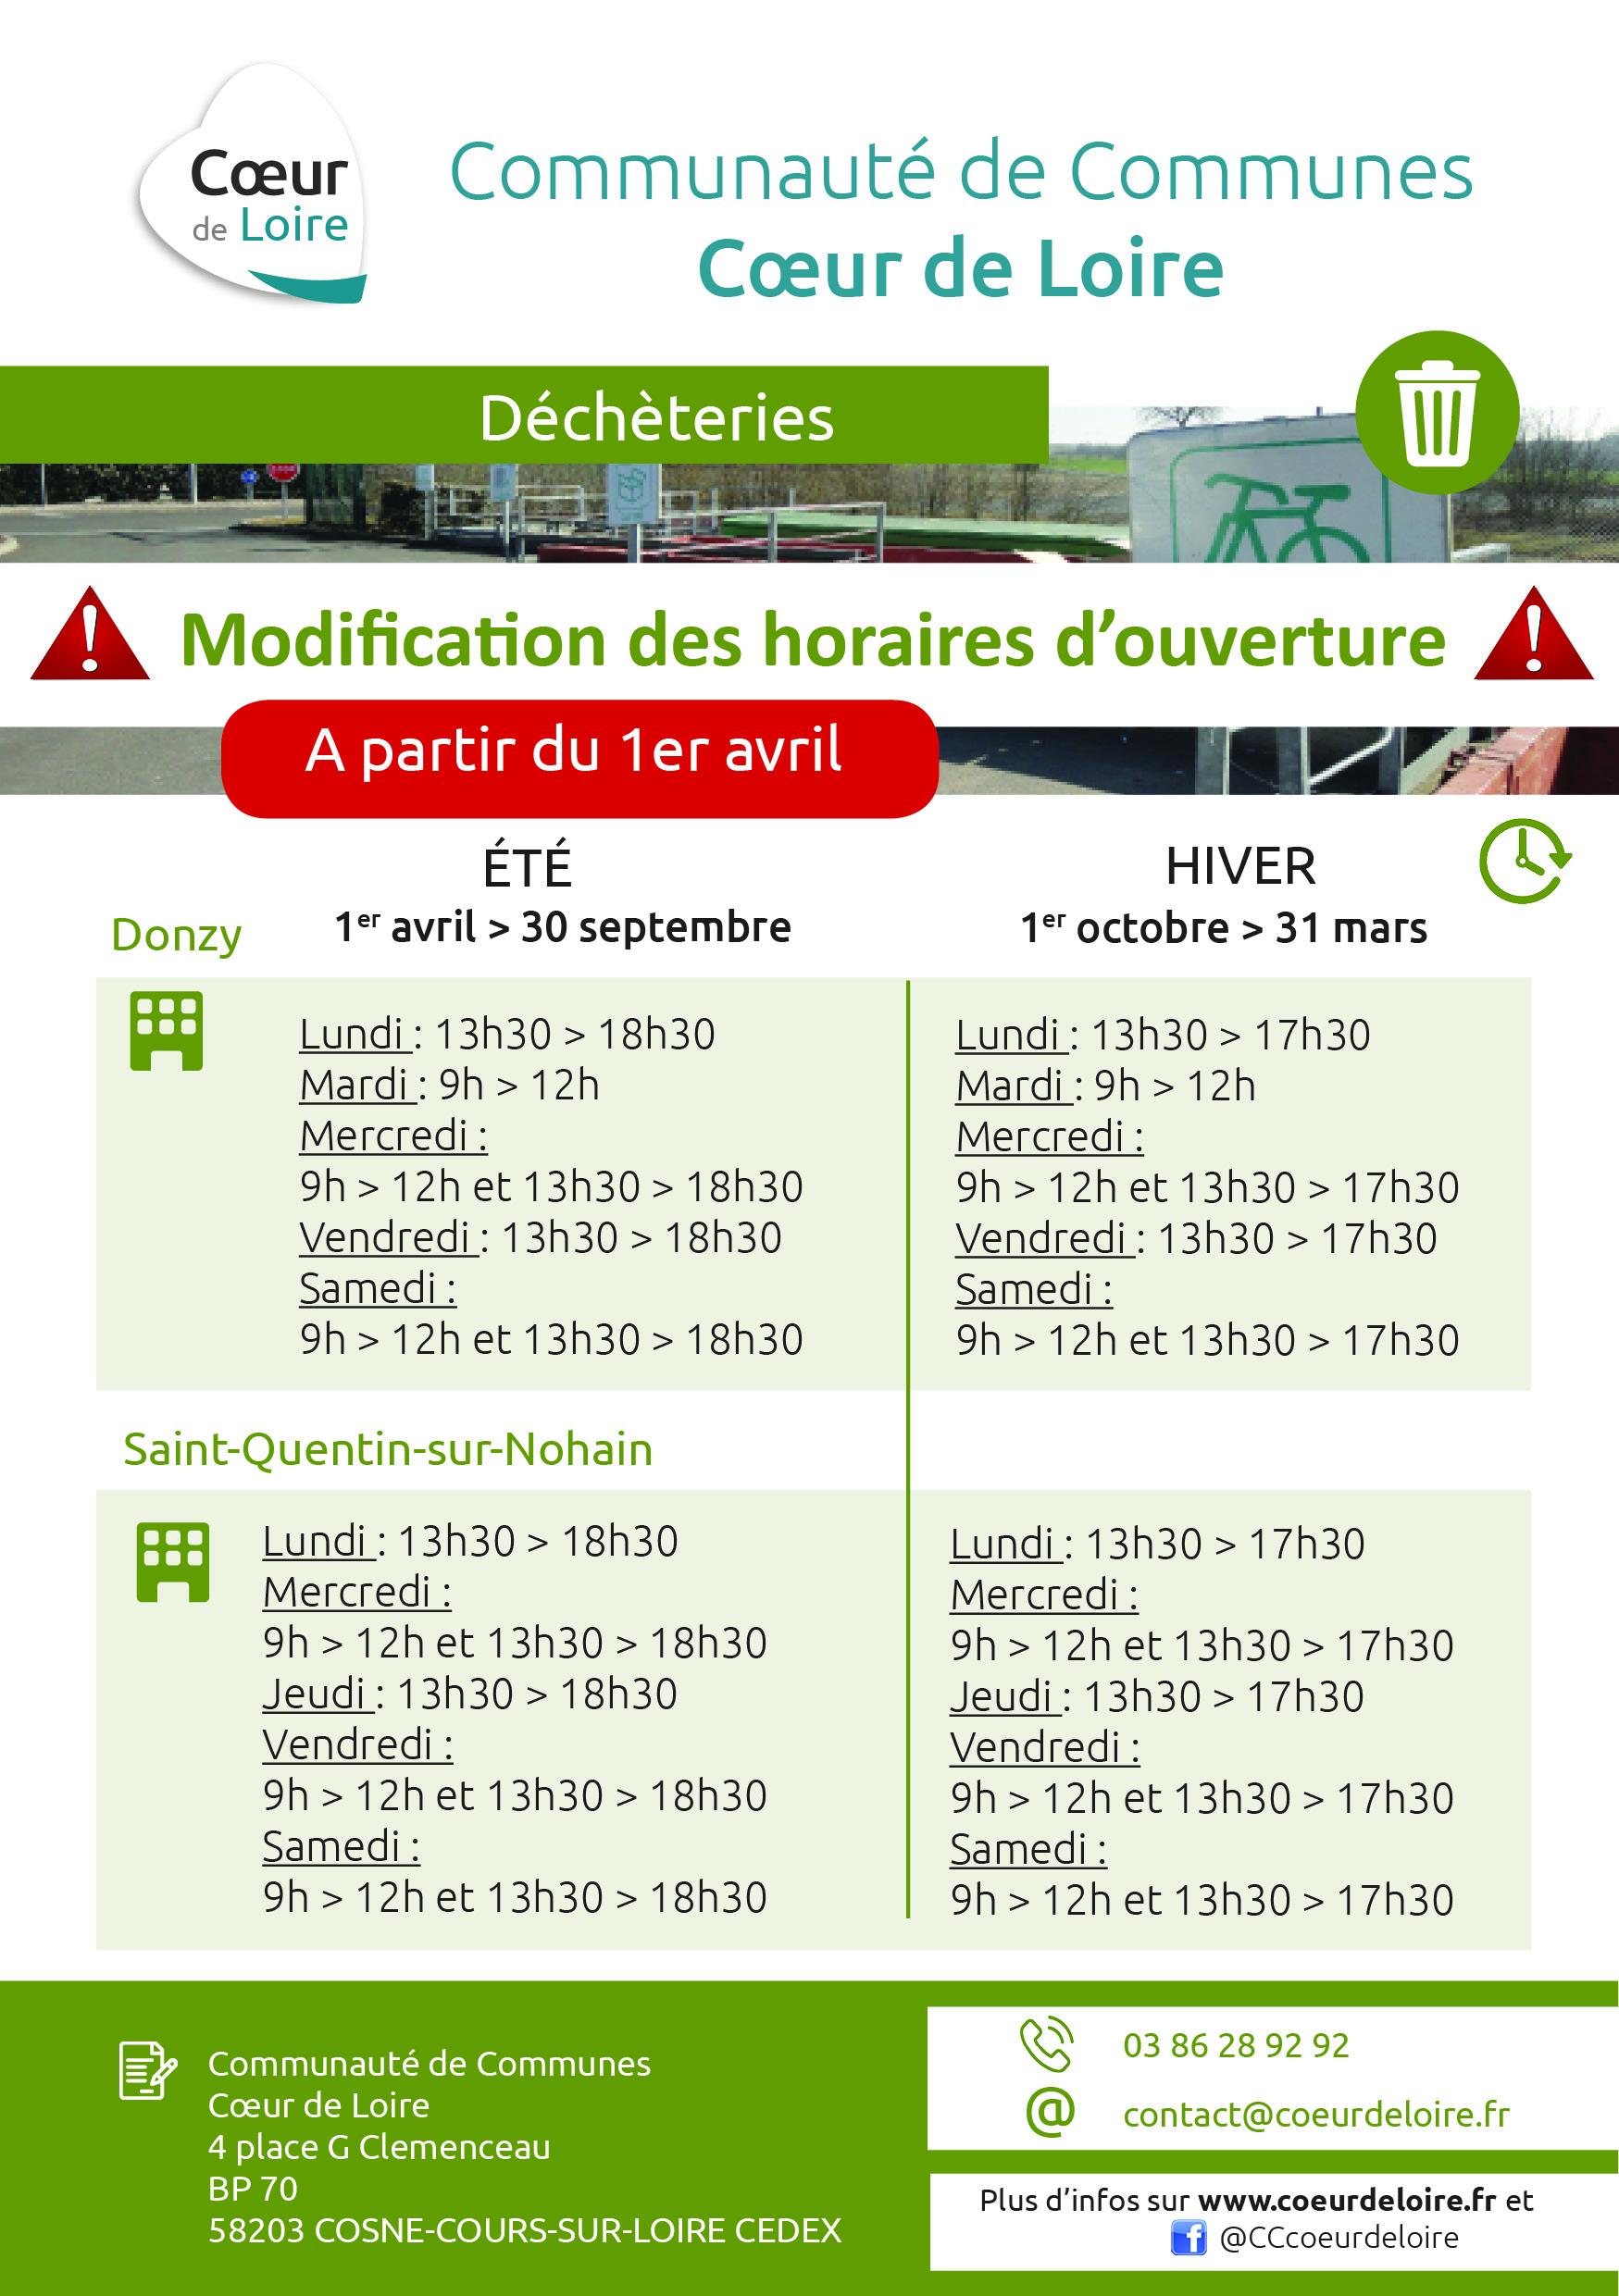 Déchèteries de Donzy et St Quentin : Modifications des horaires d'ouverture – 1er avril